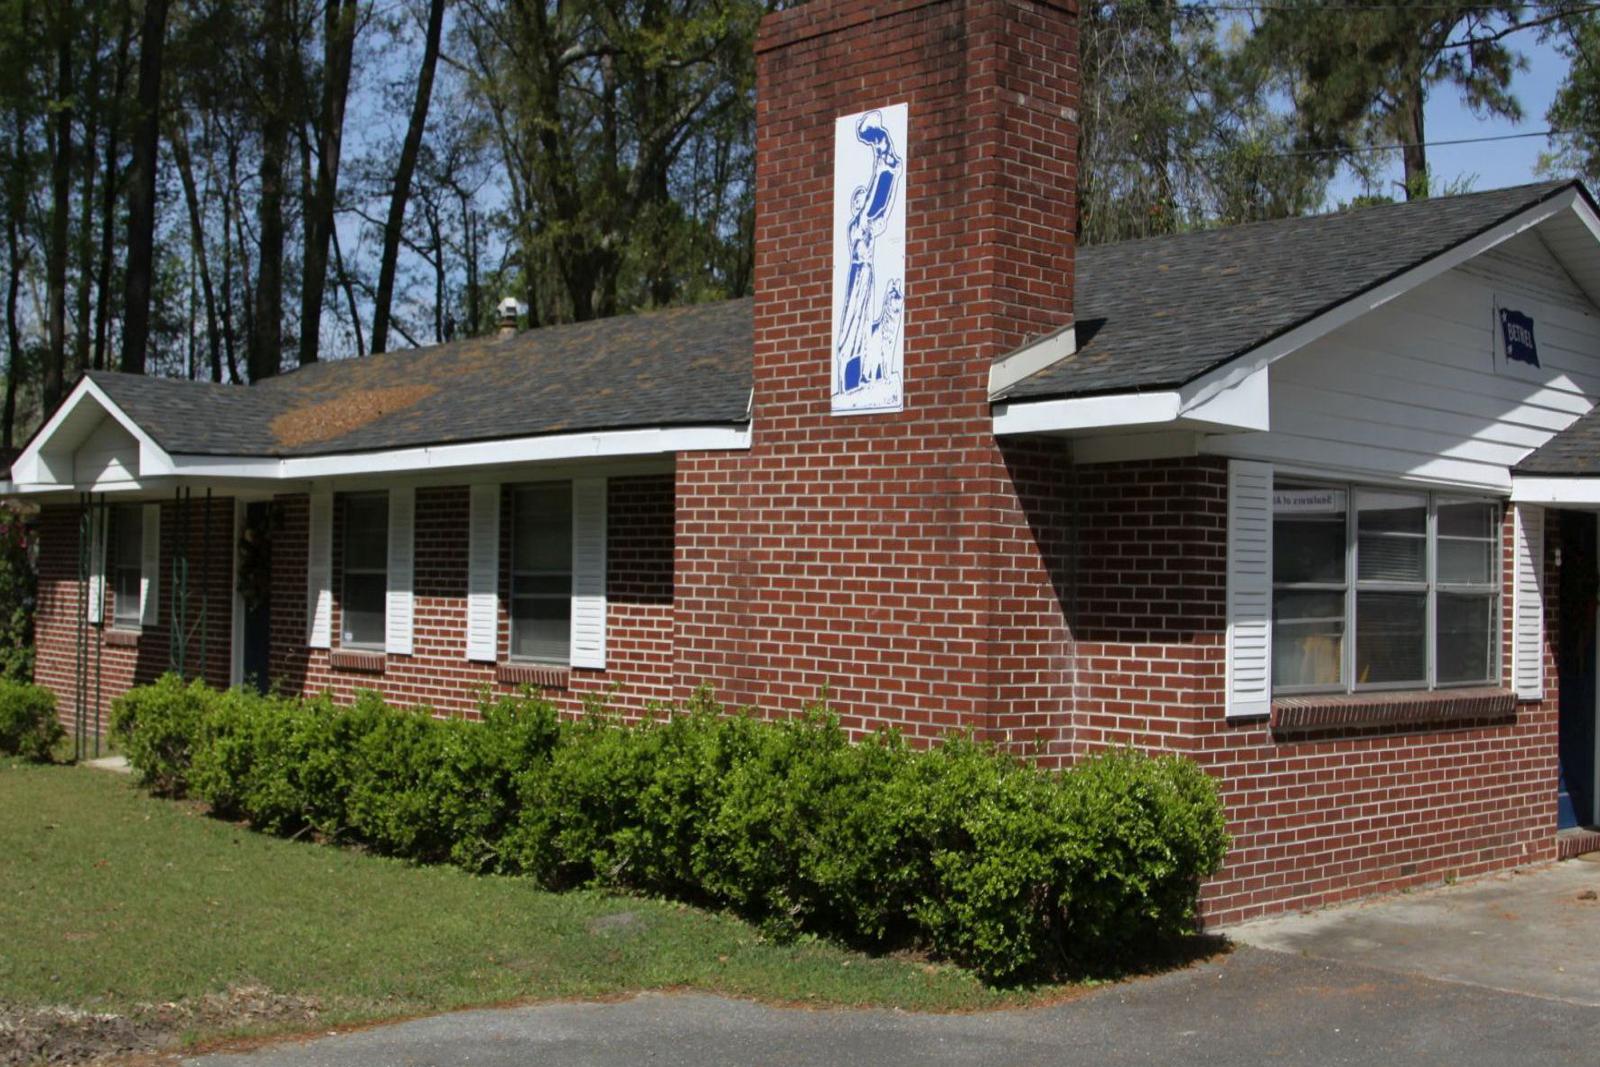 Seamen's Club Savannah, Georgia - USA